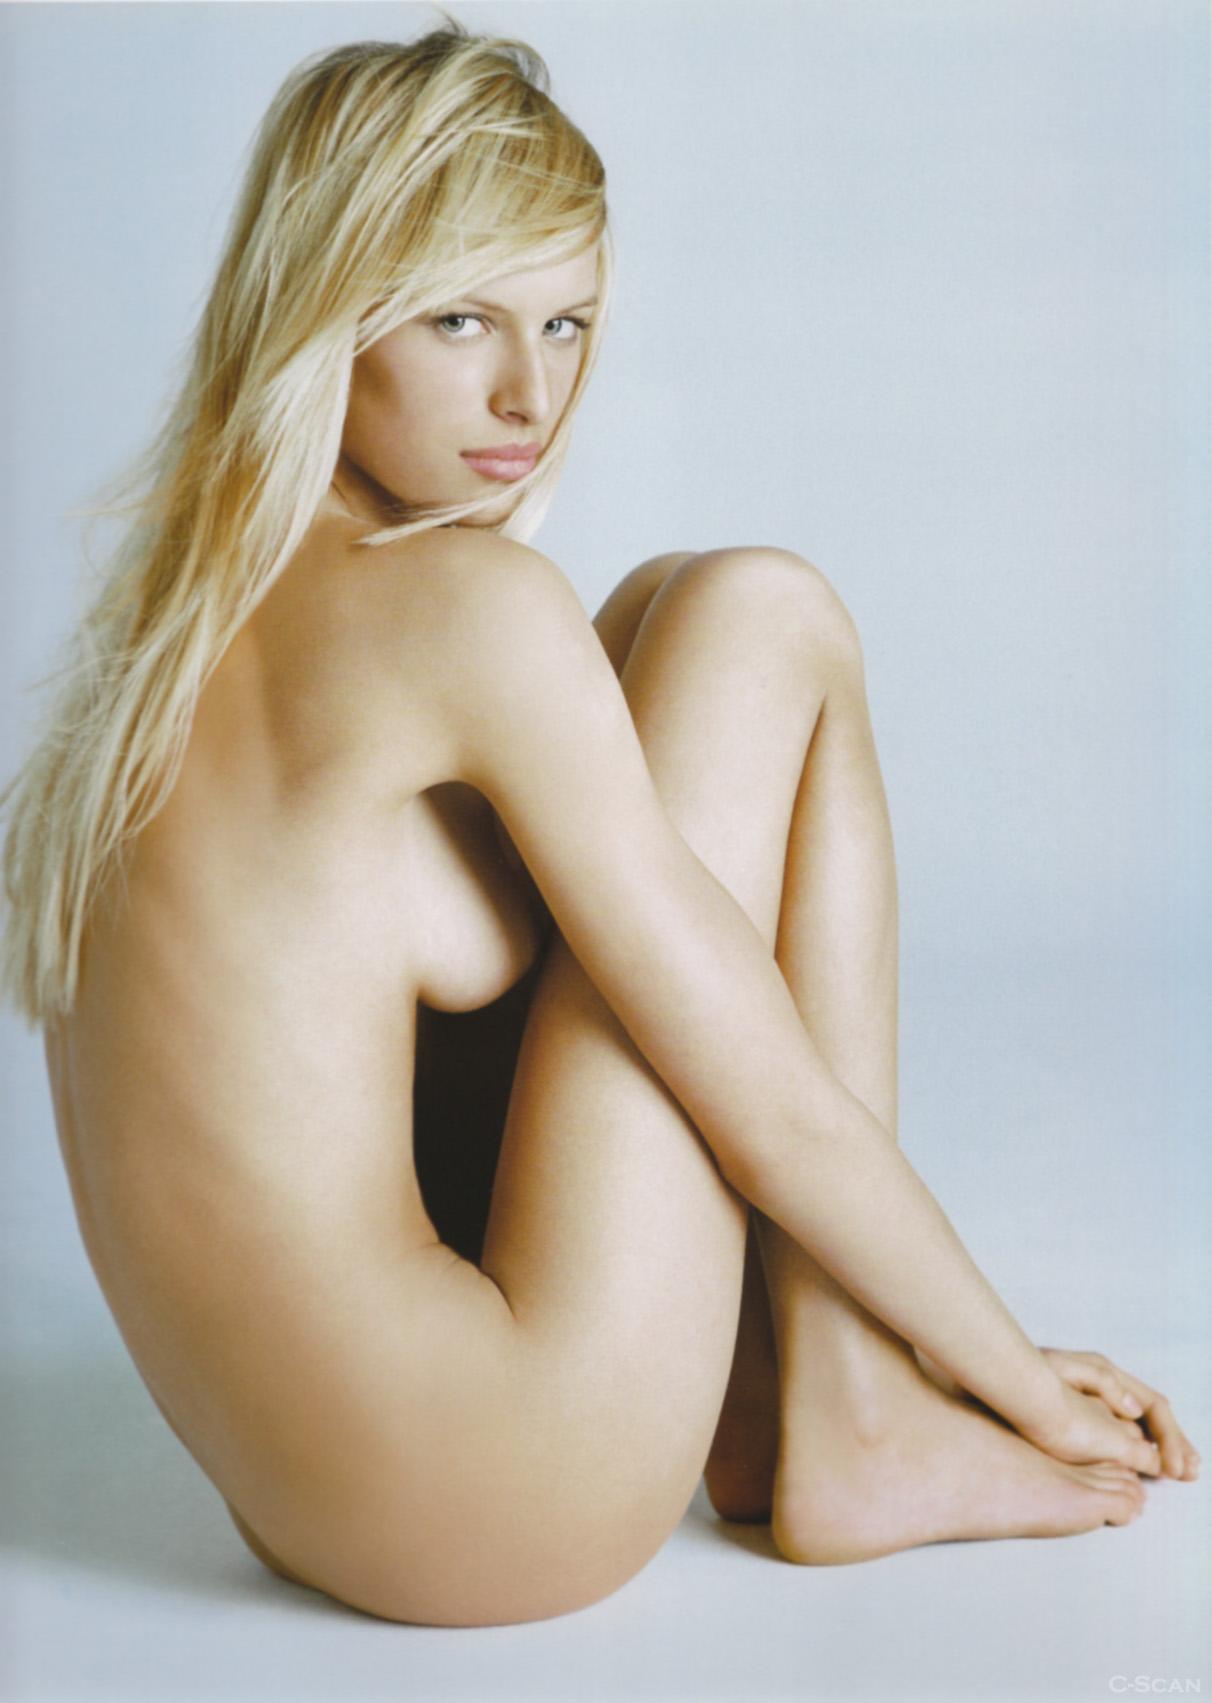 images karolina kurkova naked